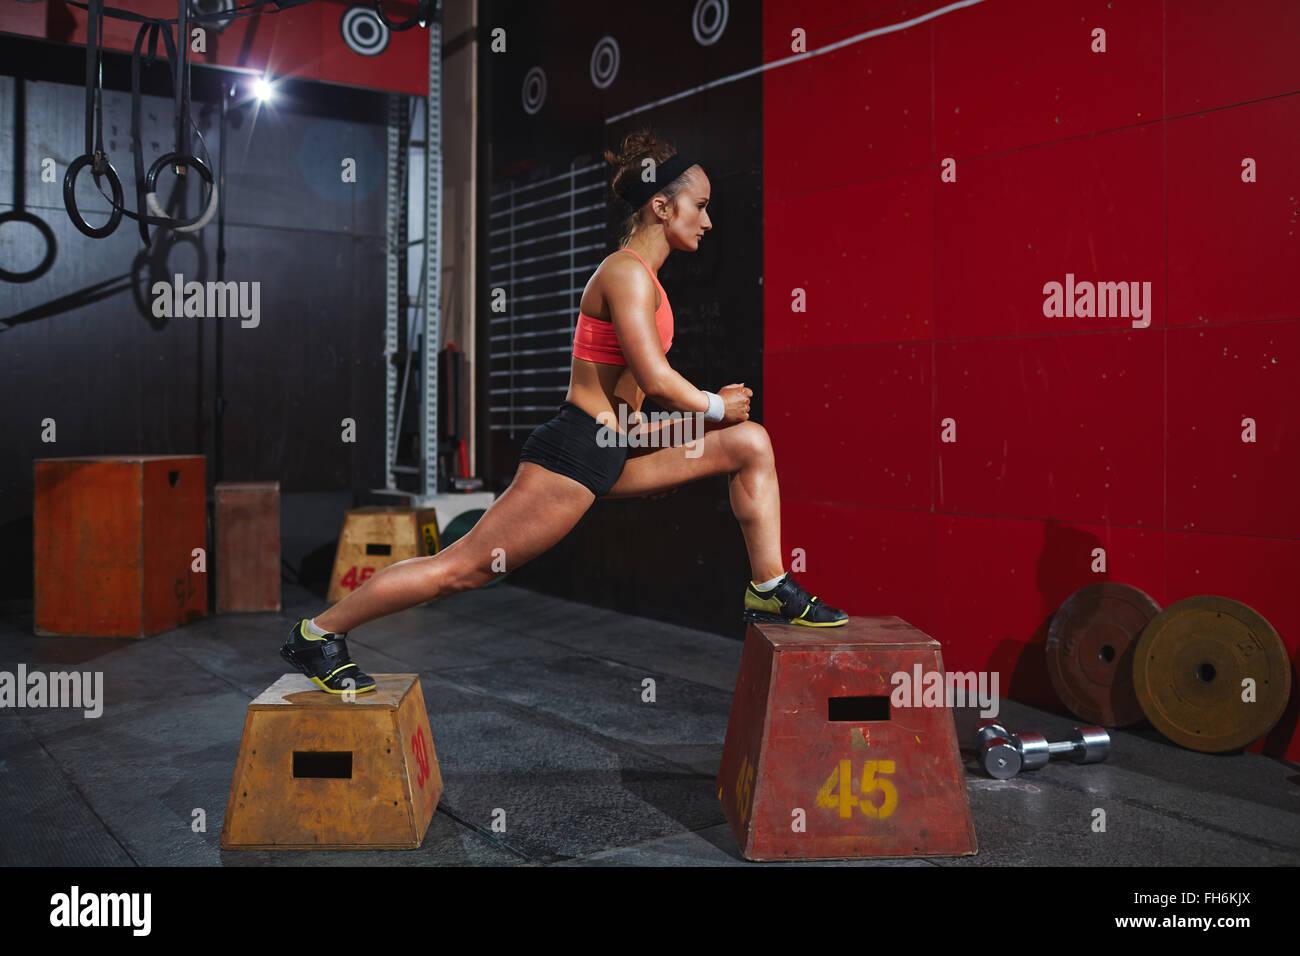 Mujer joven en active-wear formación sobre cuadros de saltar en el gimnasio Imagen De Stock